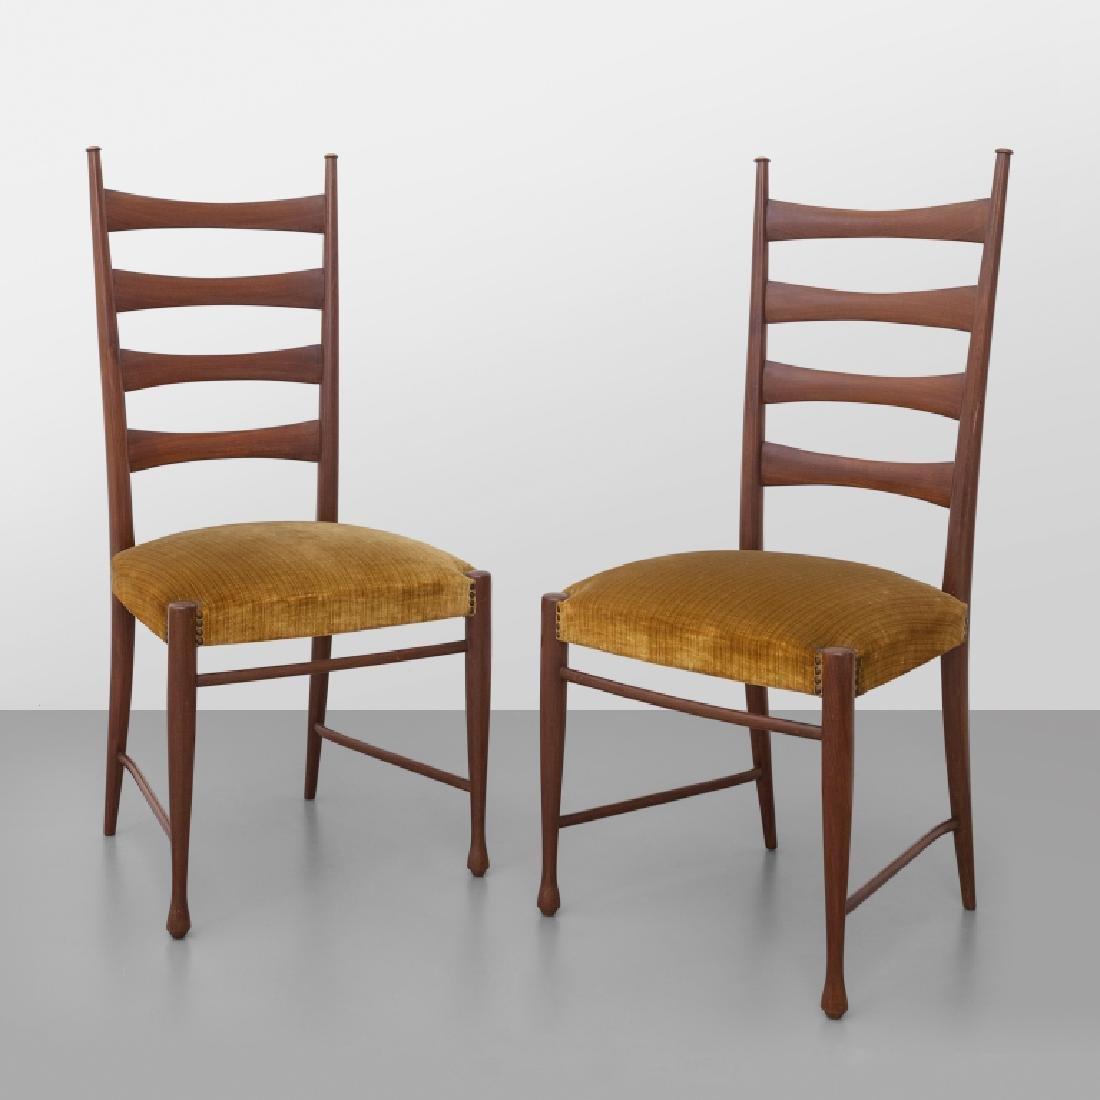 PAOLO BUFFA  Due sedie, anni '50.  Legno di